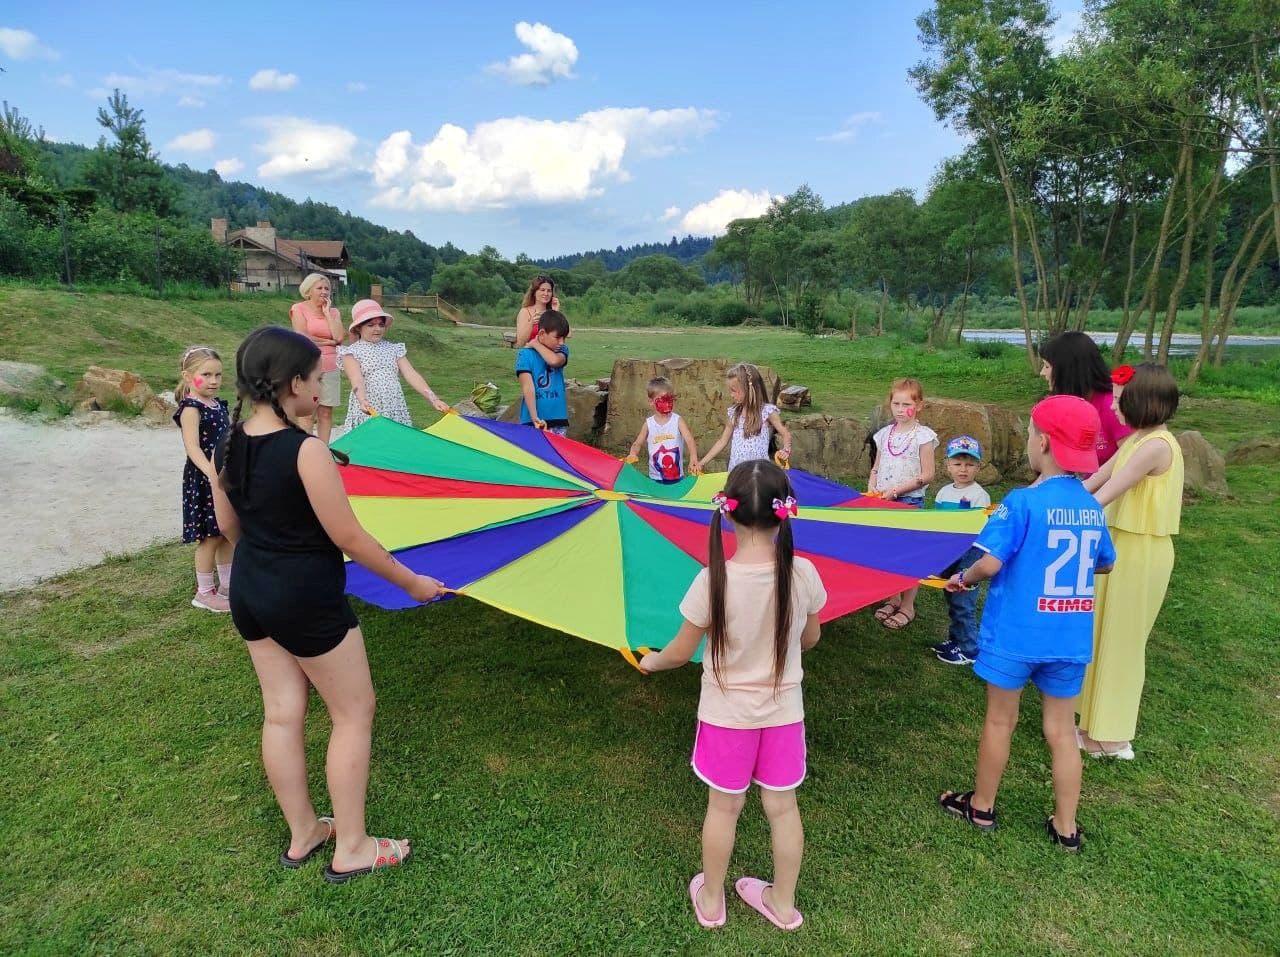 Самый счастливый период для детей - осенние каникулы